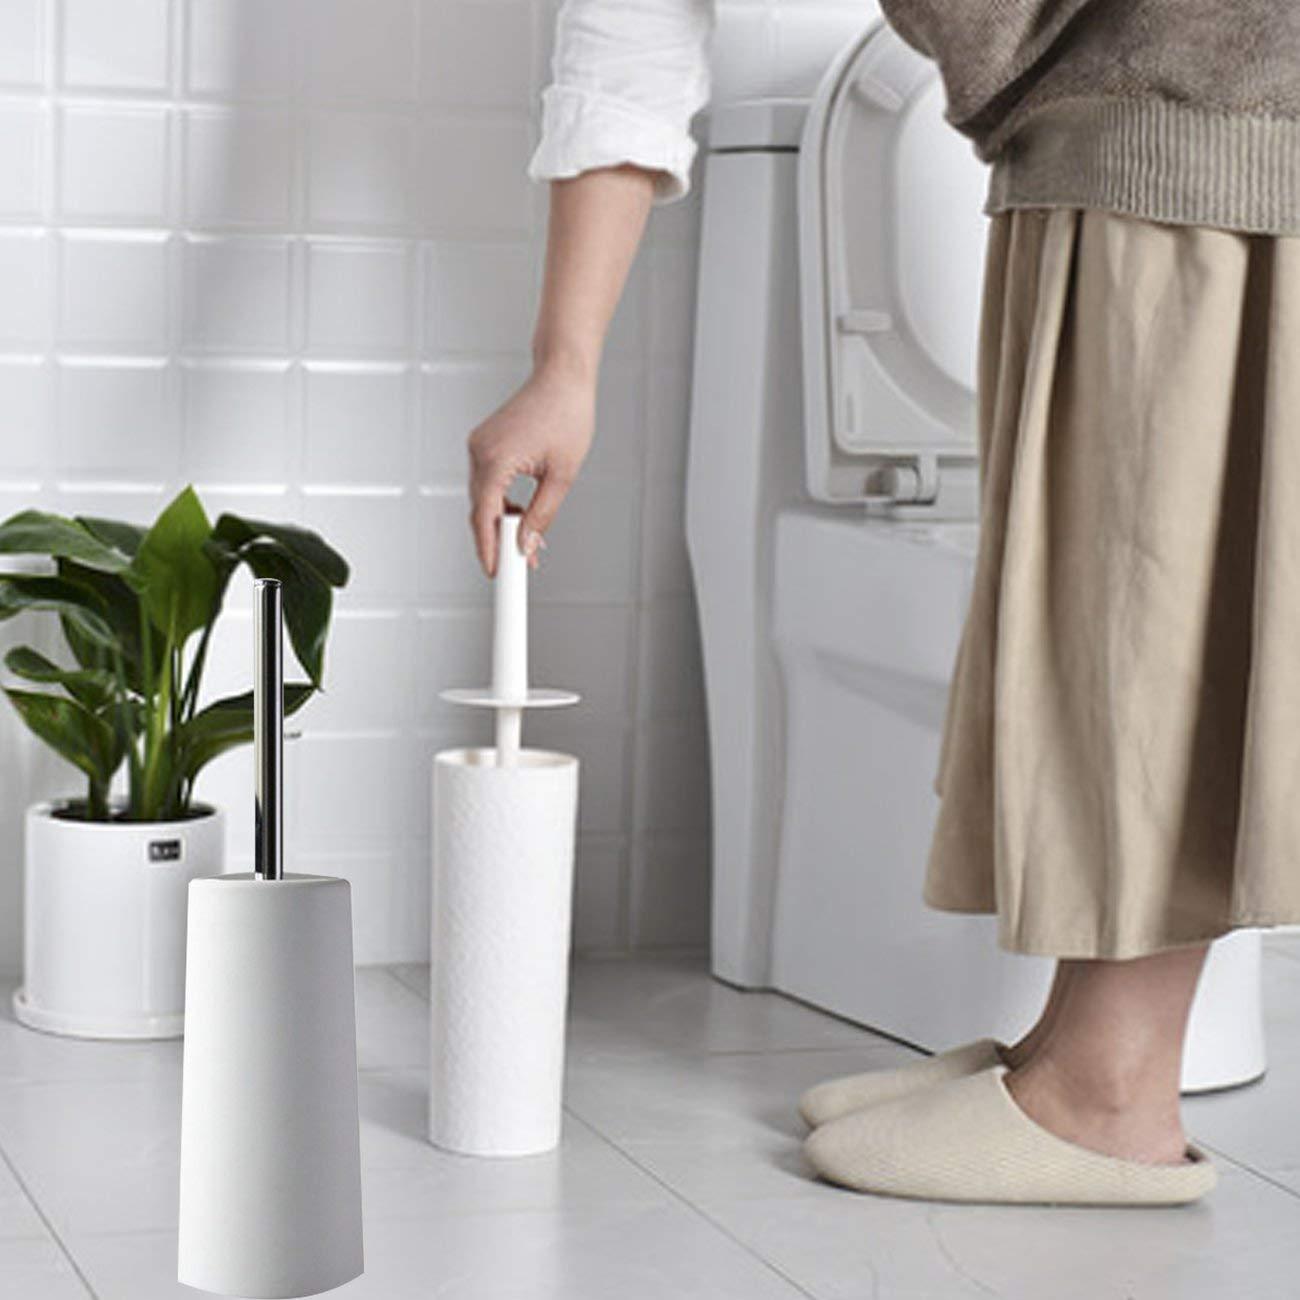 Durable Stainless Steel Toilet Brush